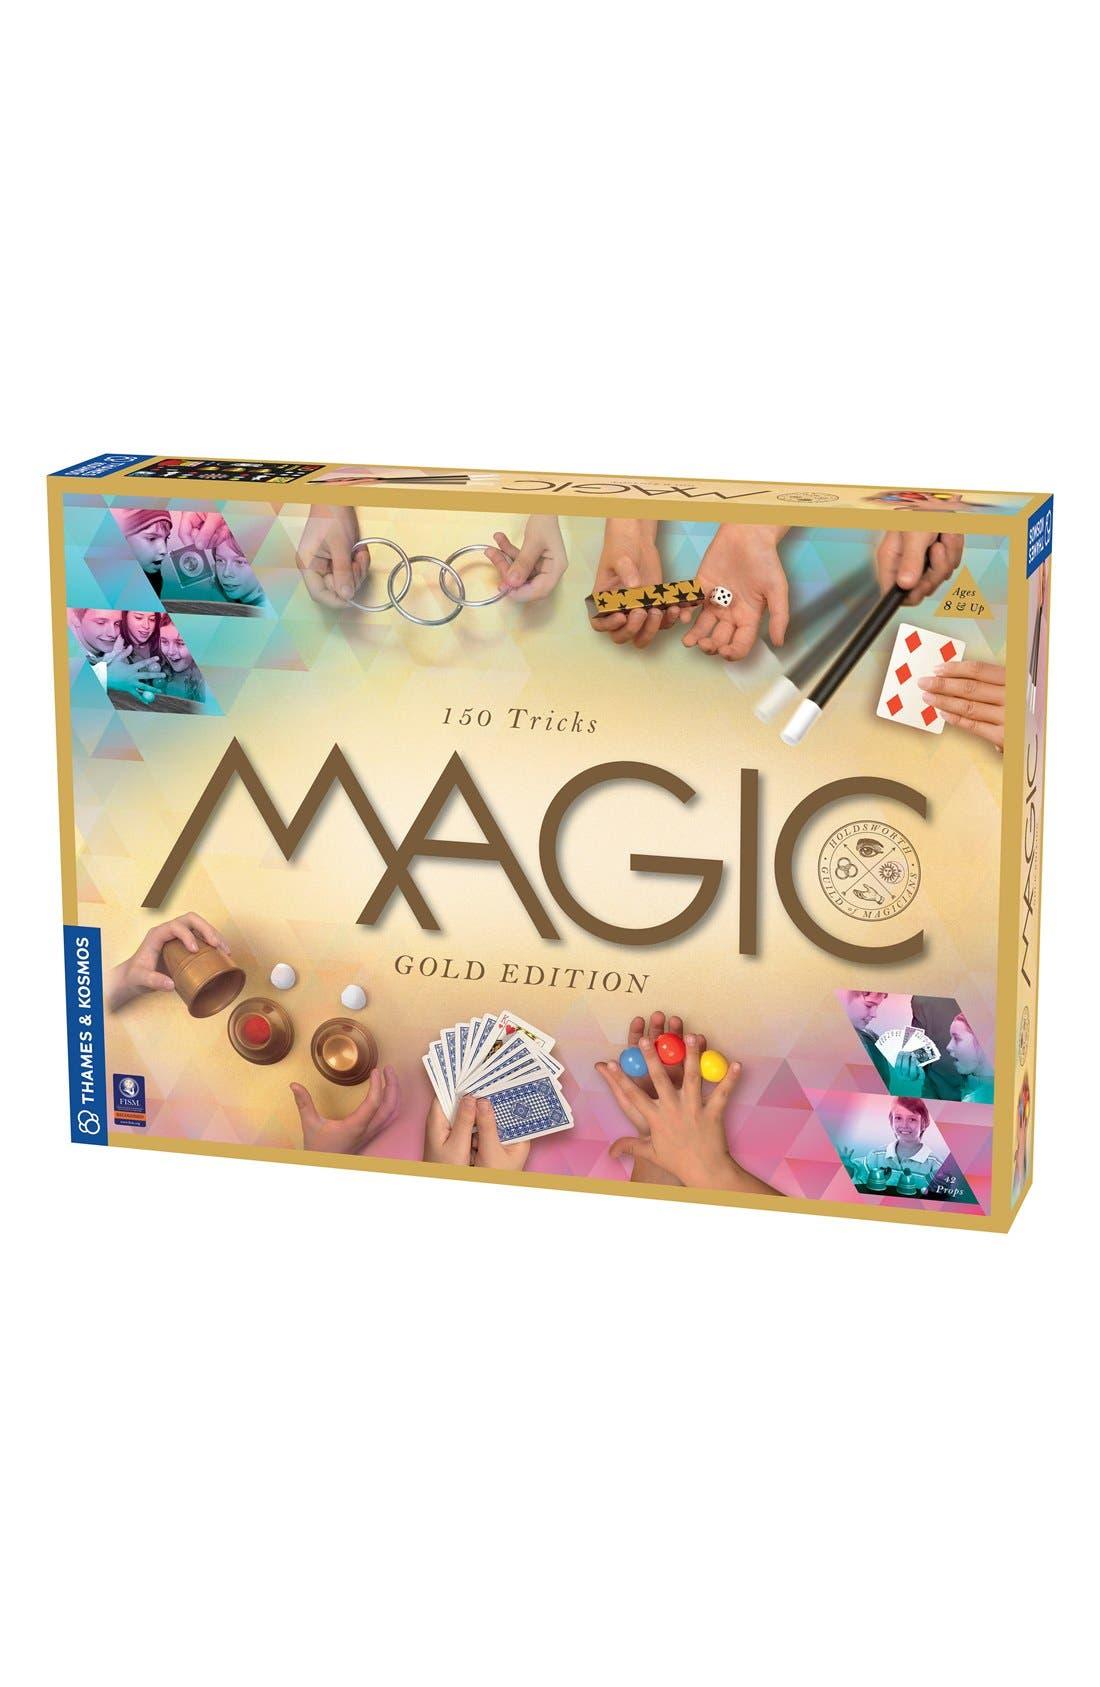 Thames & Kosmos Magic Gold Edition Kit